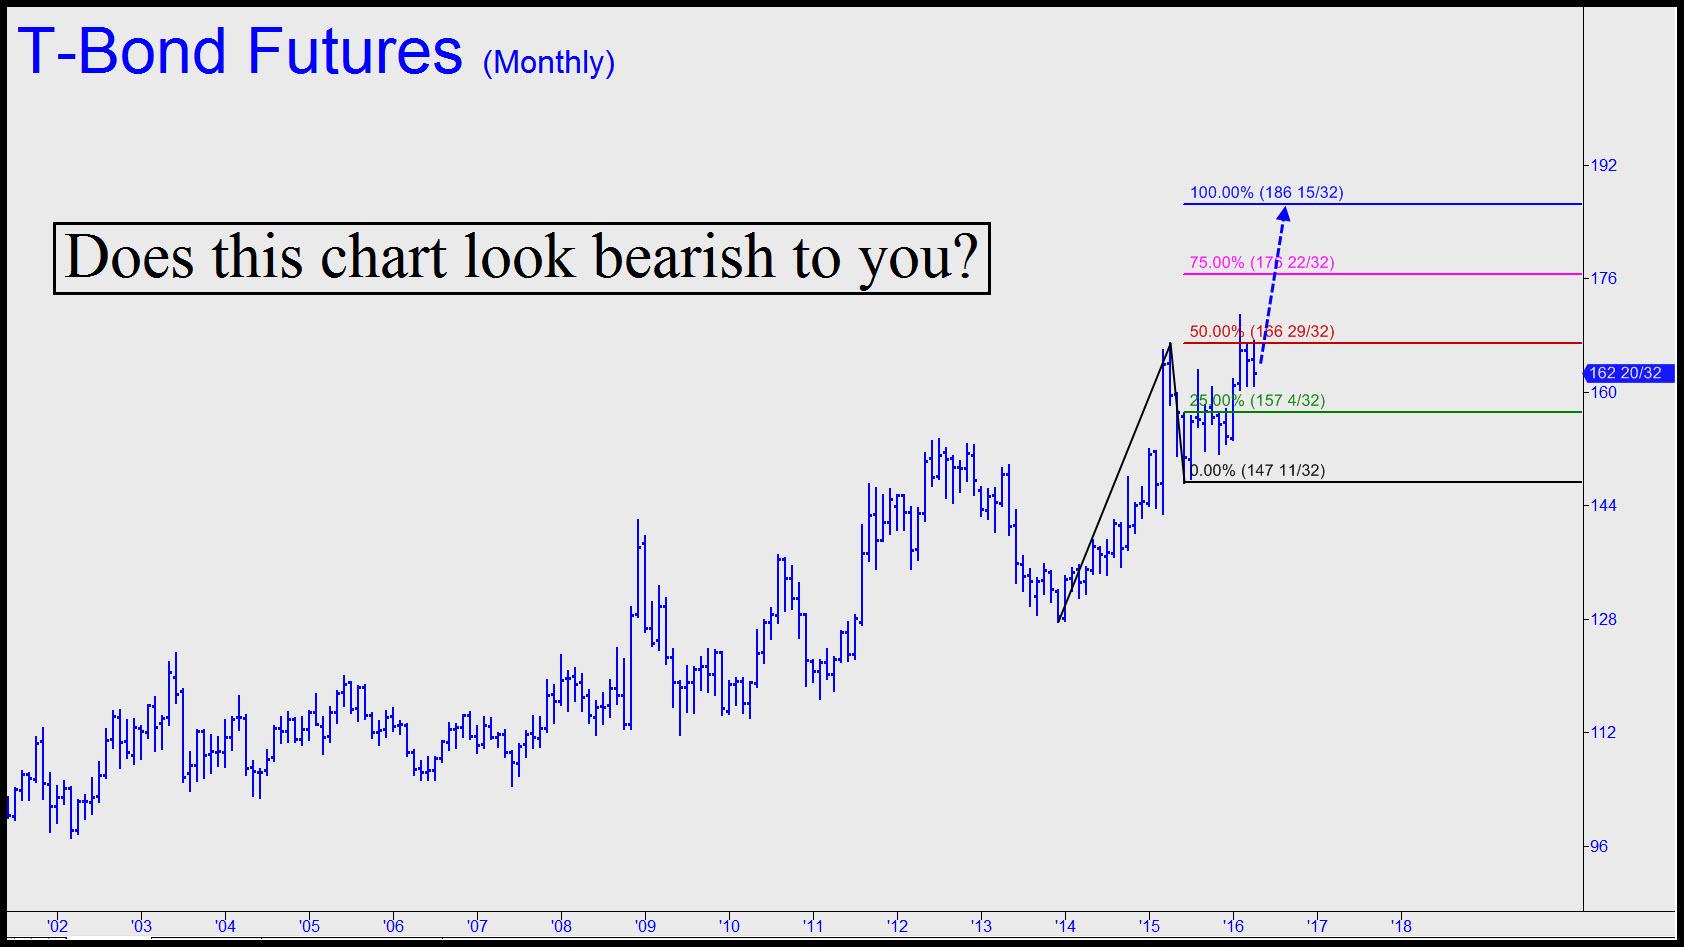 Does-this-chart-look-bearish